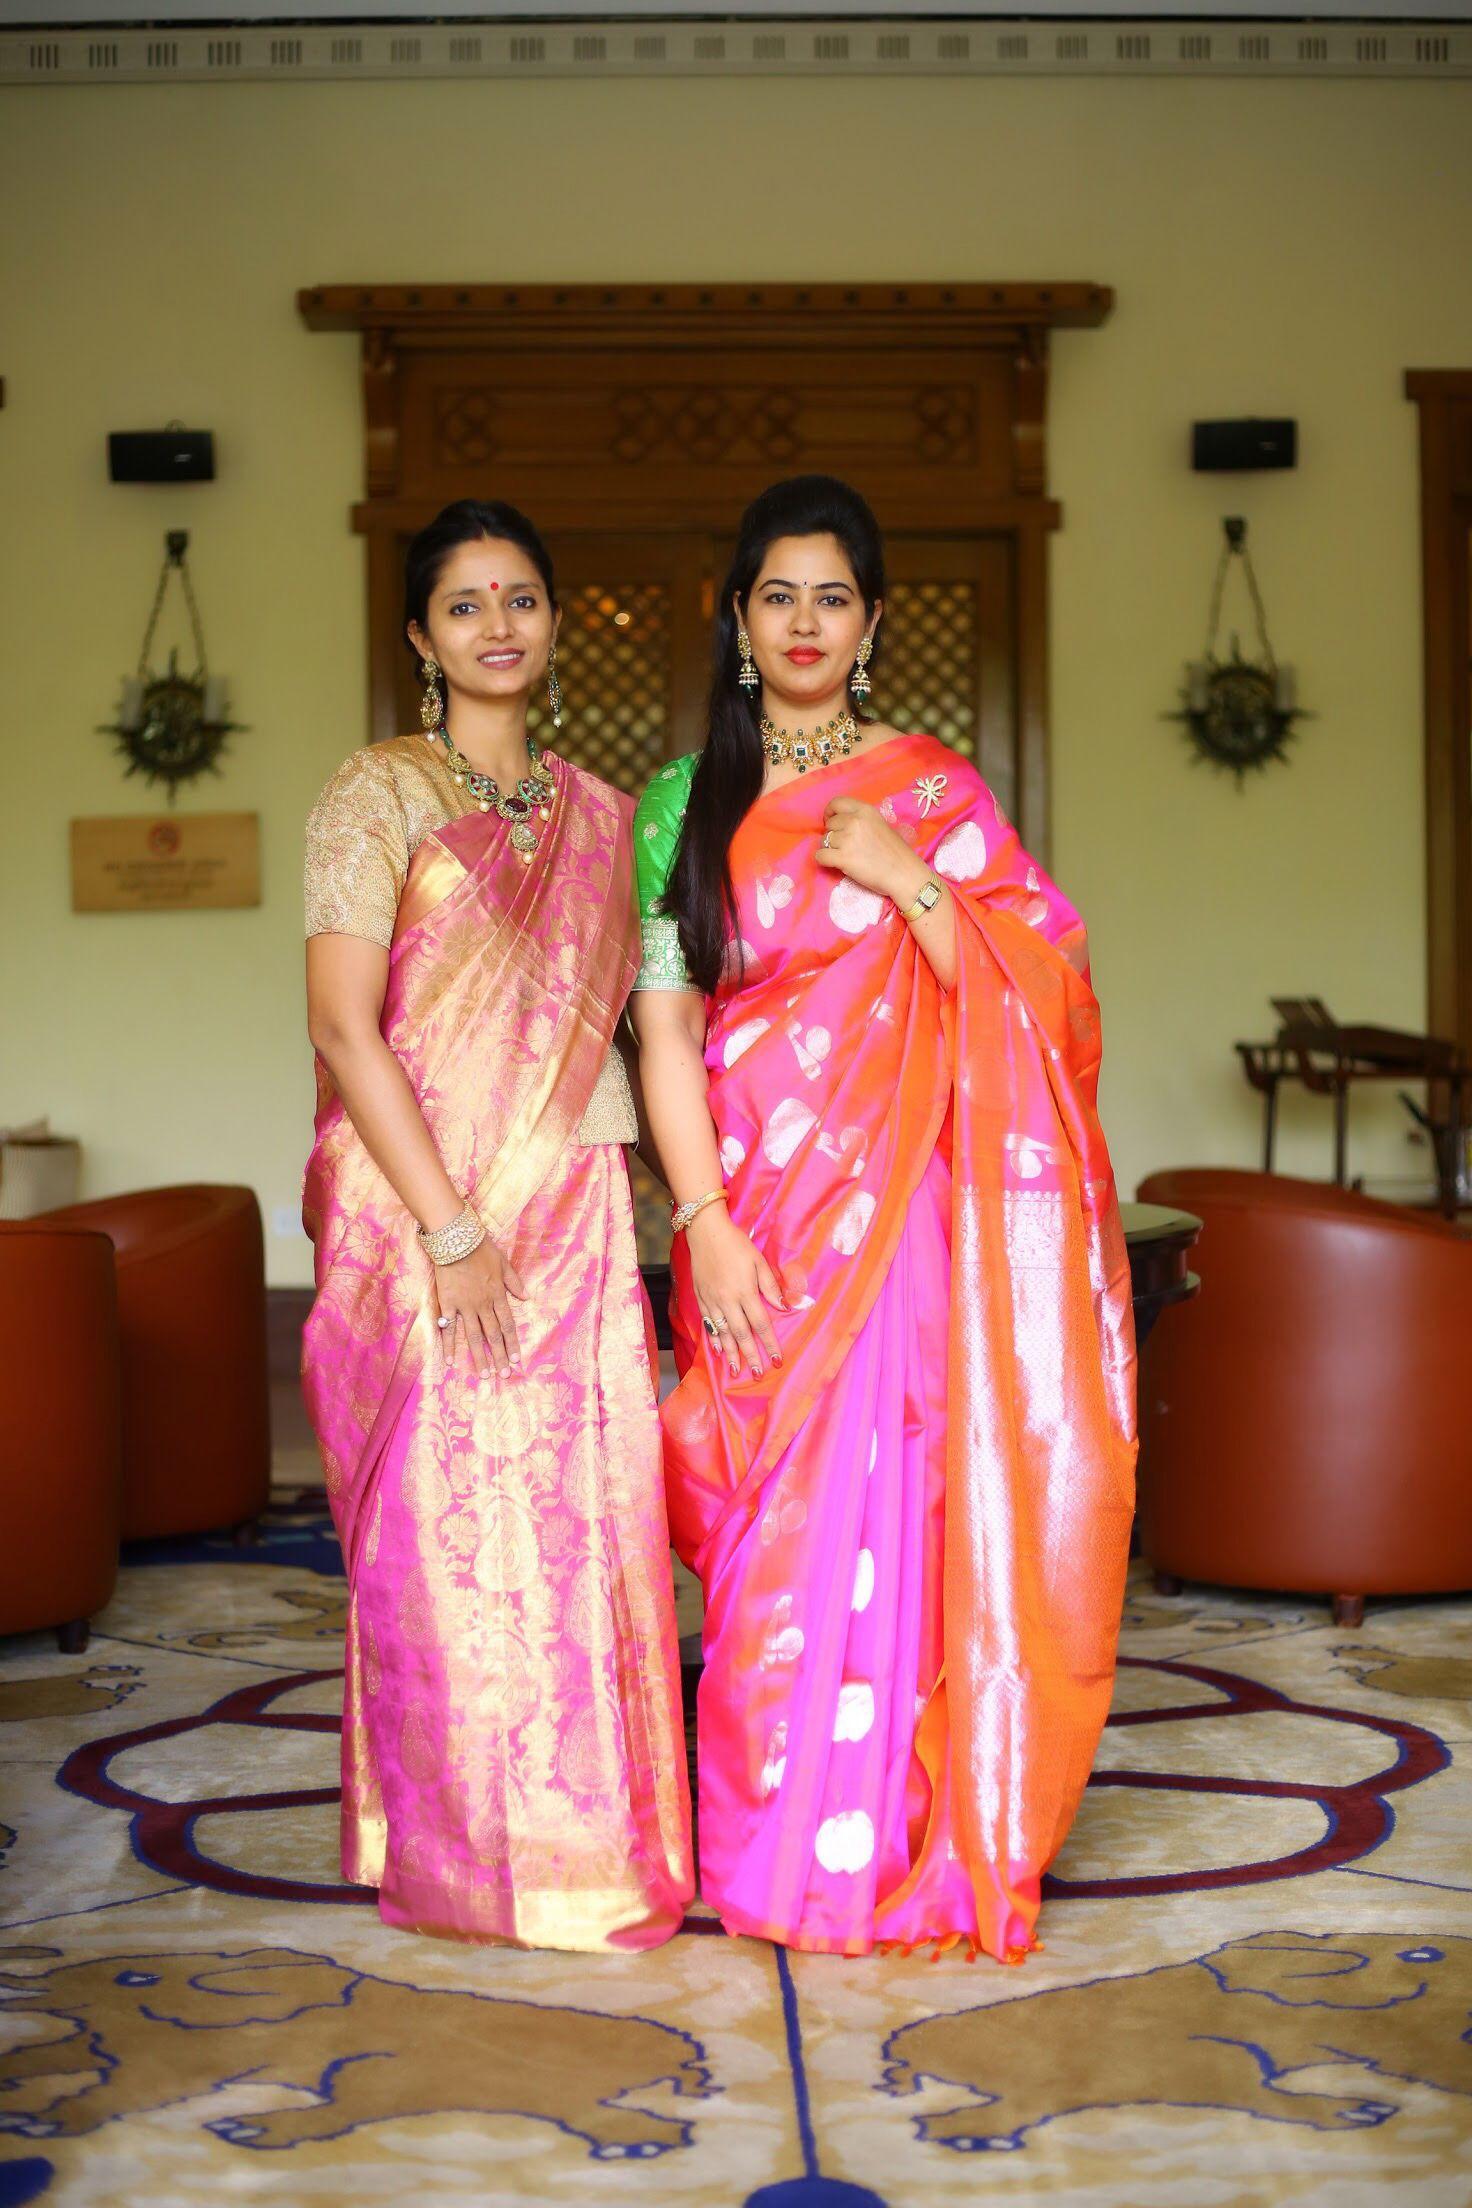 Pin de Puthri en sarees   Pinterest   Vestidos hindues y Vestiditos